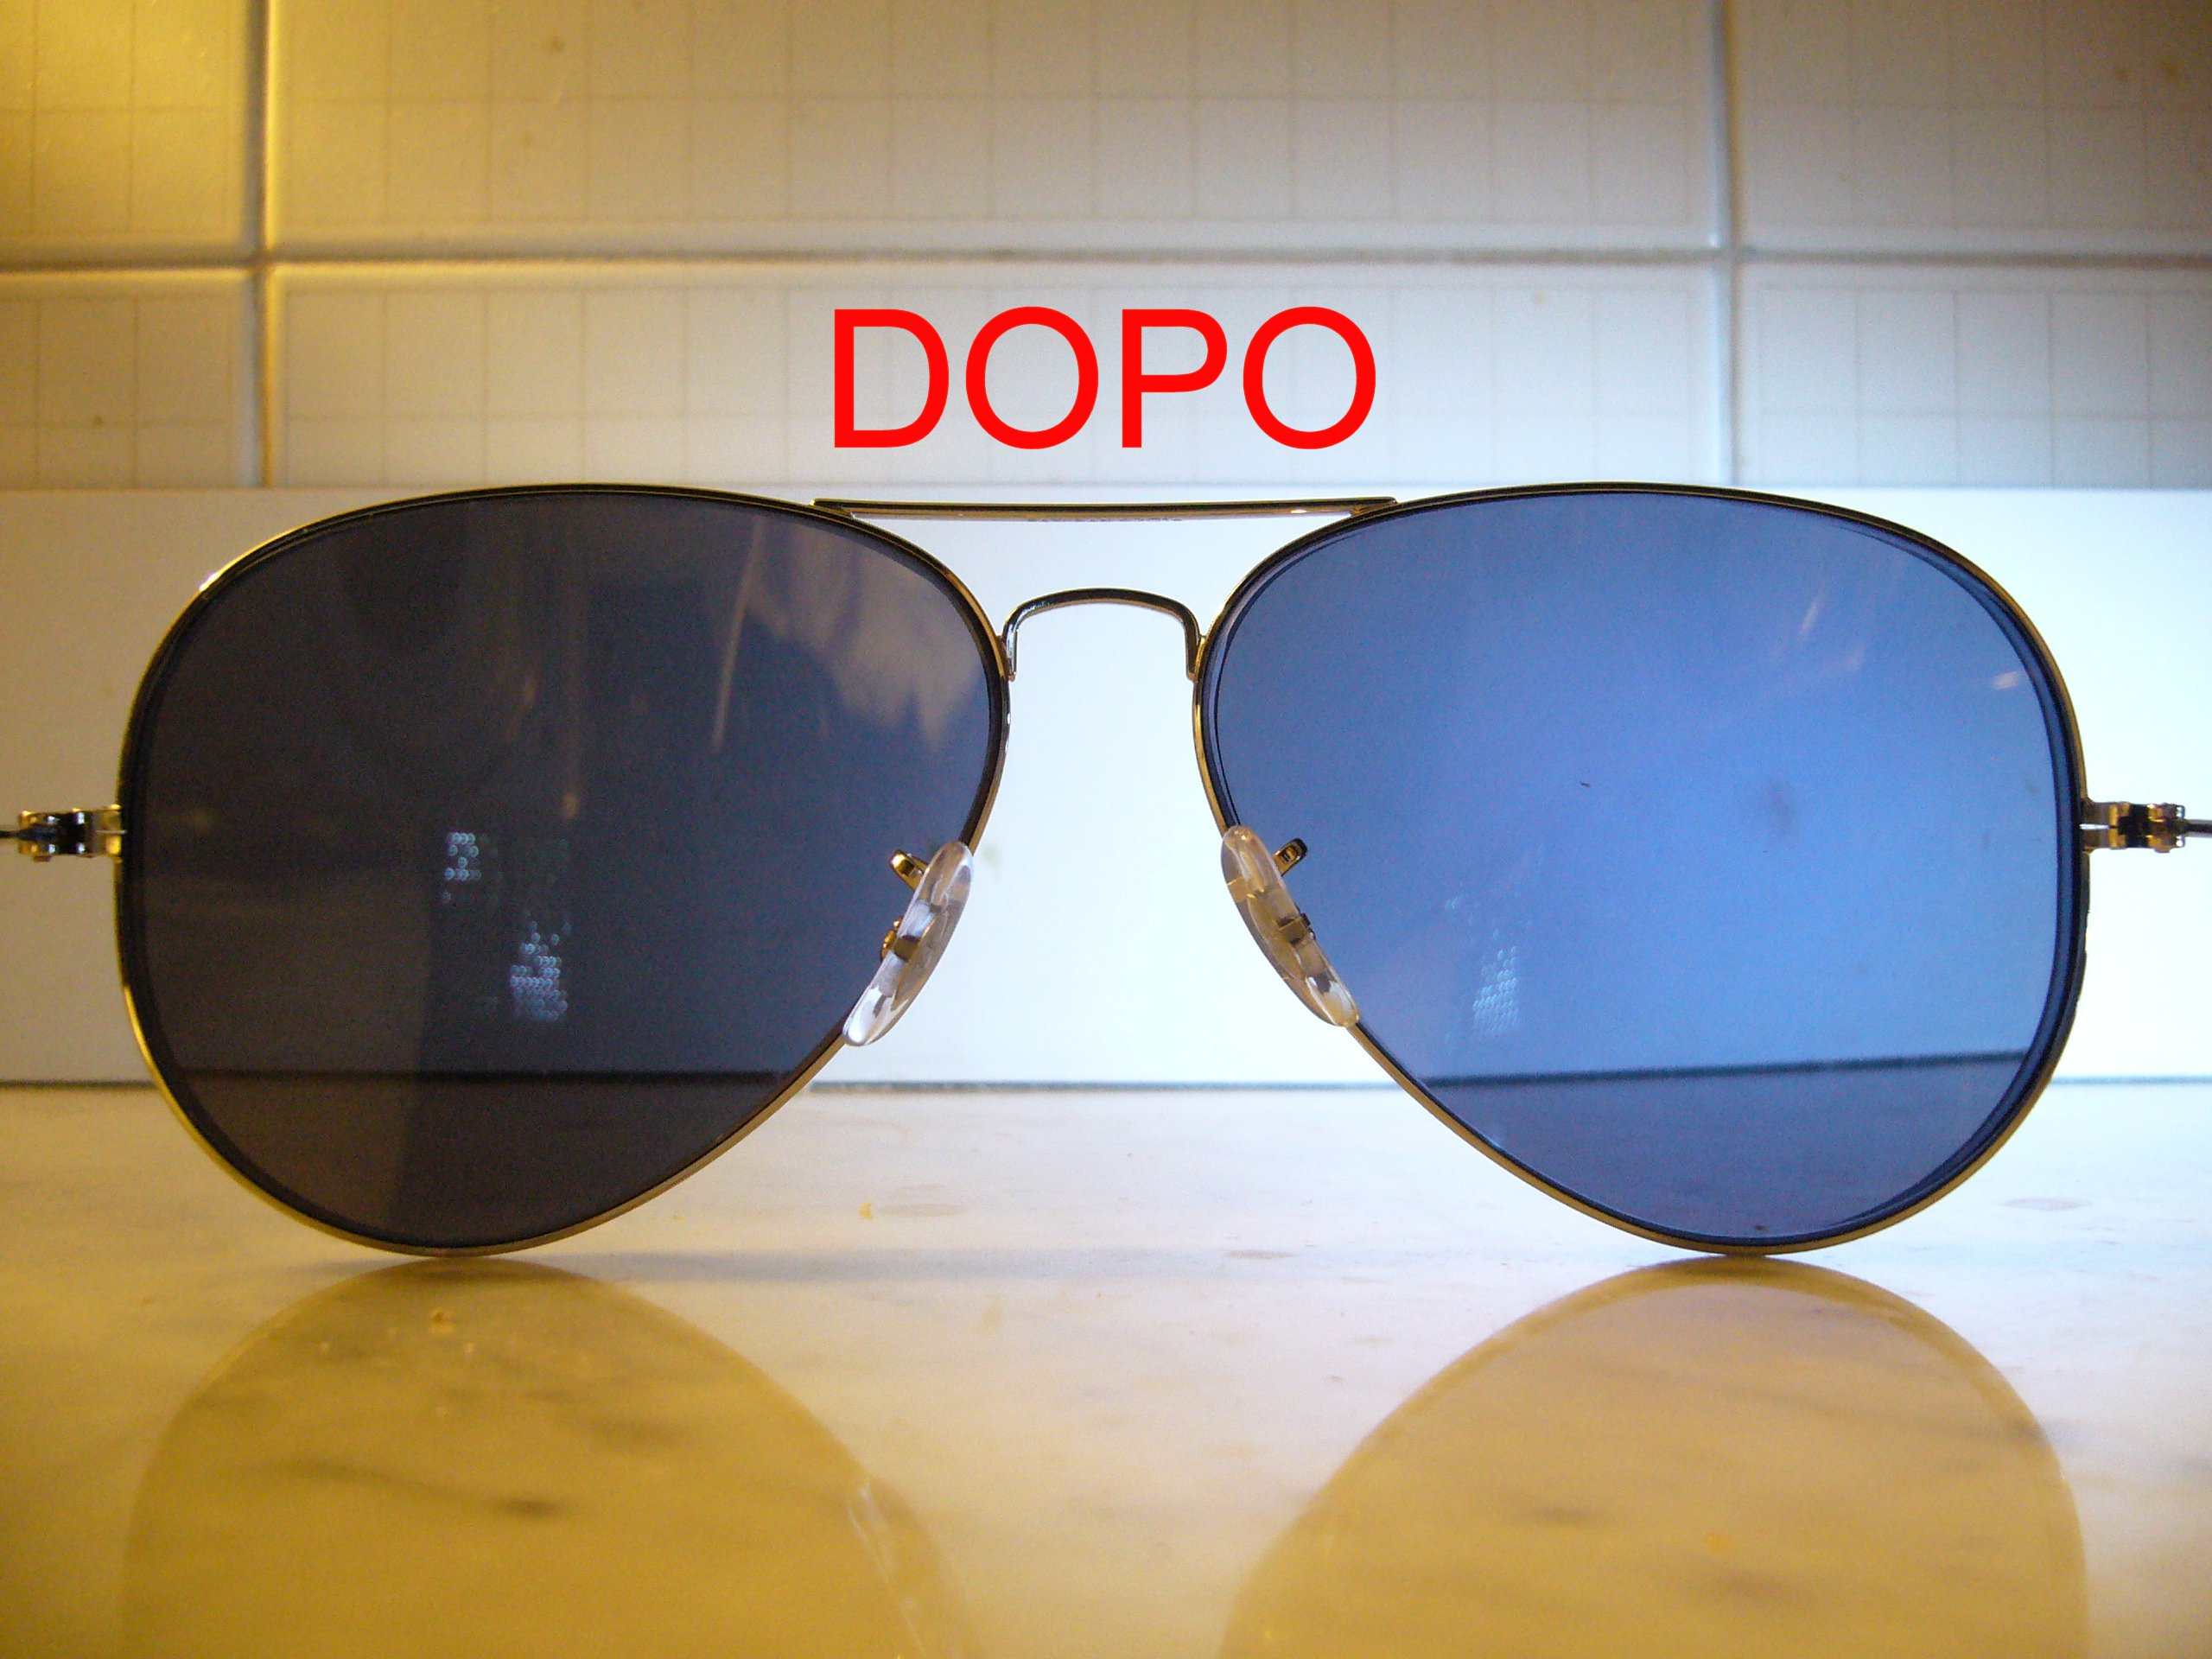 stile moderno qualità superiore preordinare Schiarire le lenti degli occhiali da sole | Bricolageonline.net